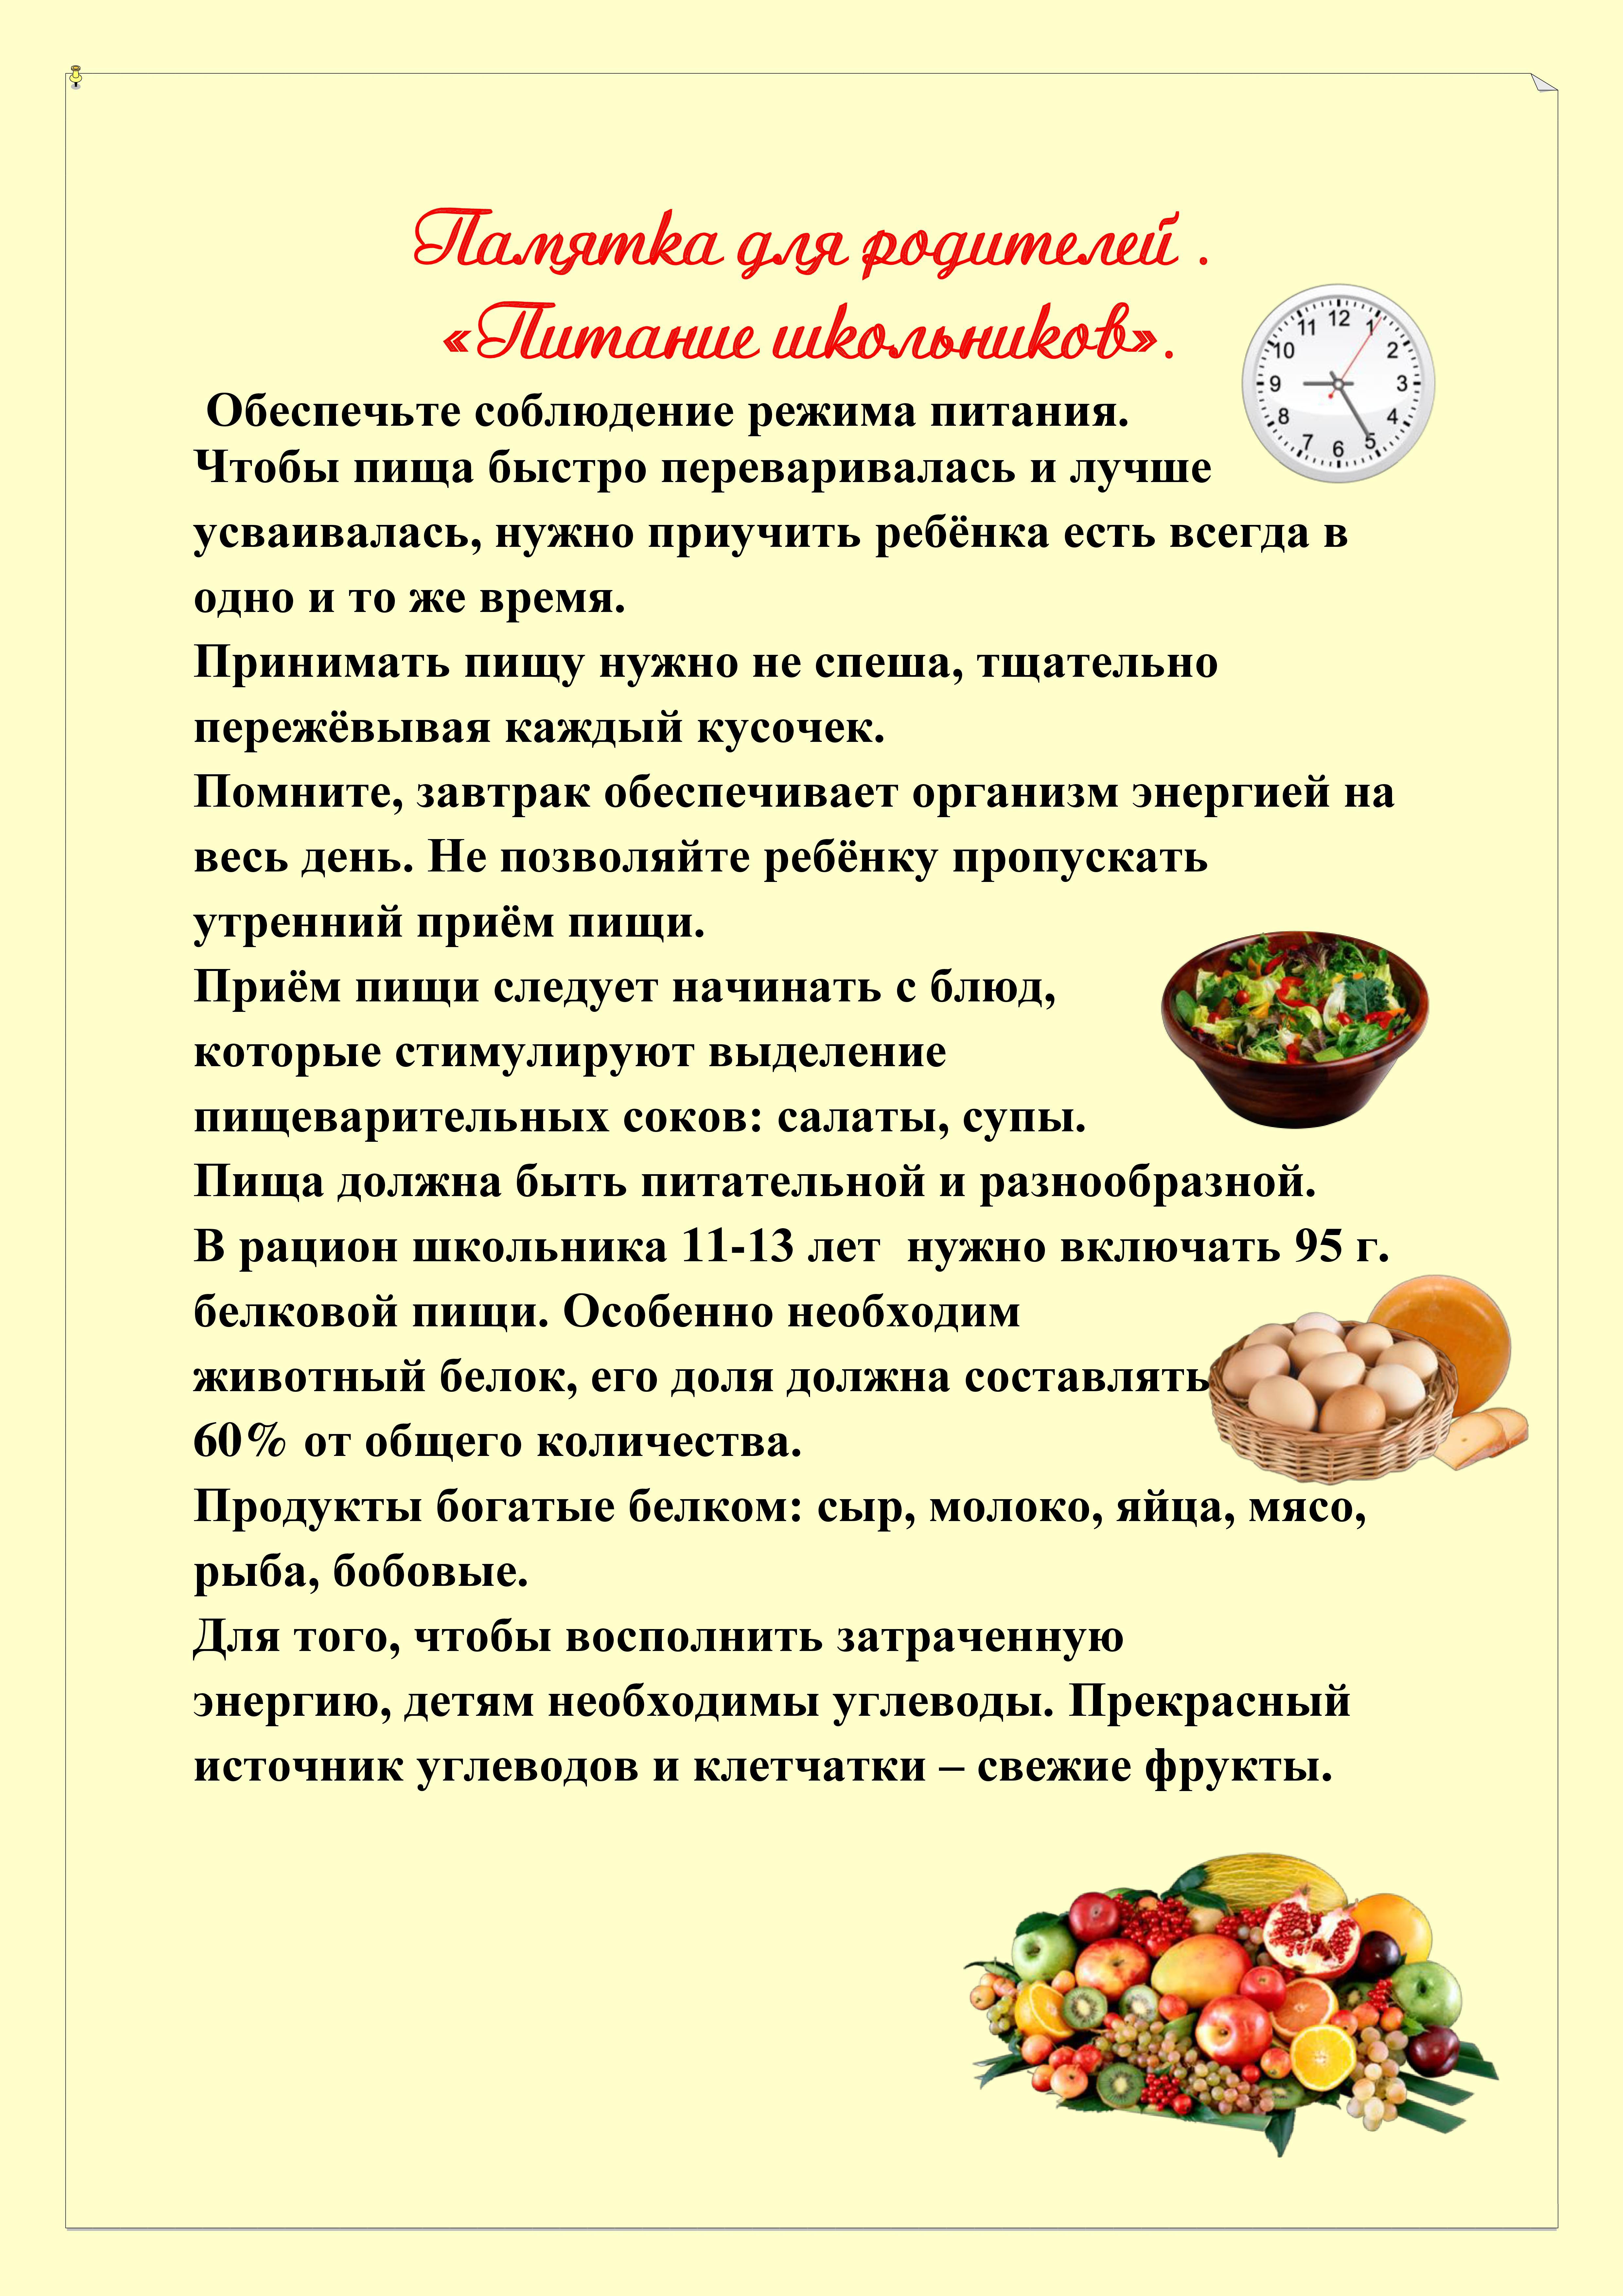 Памятка о питании